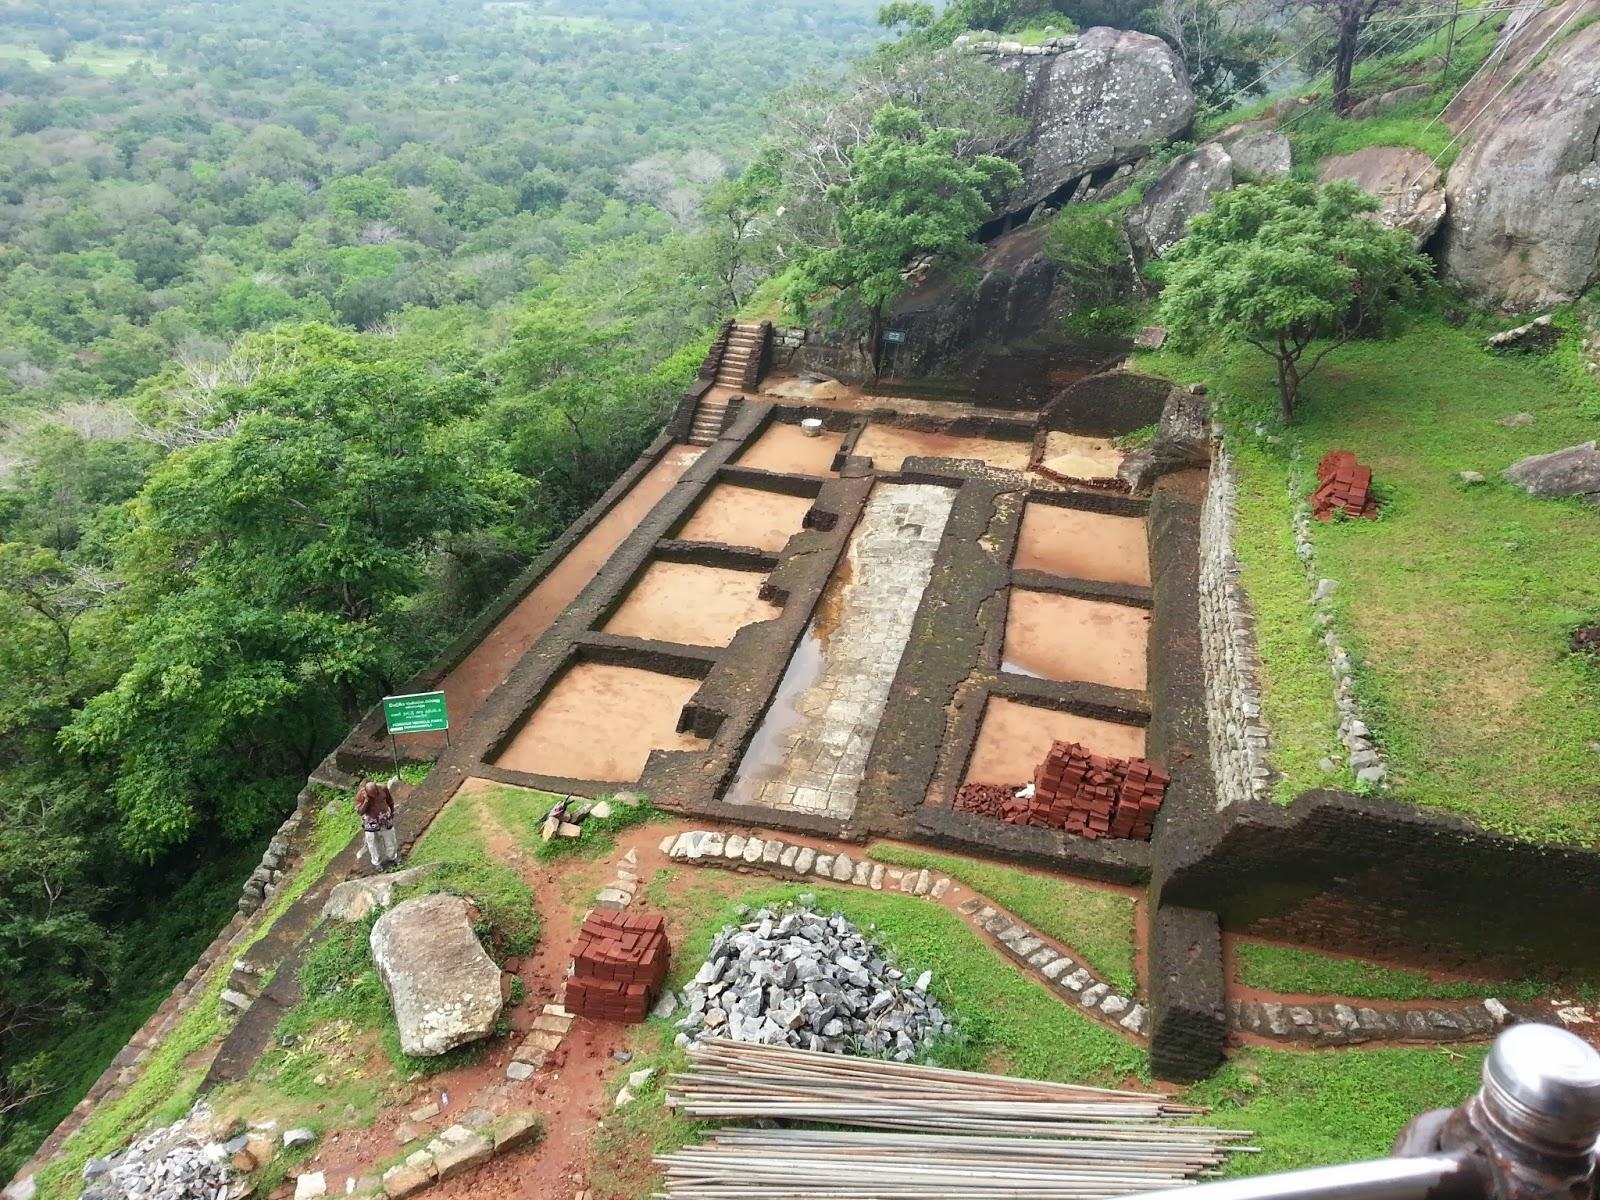 гранитный камень весом тысячи тонн стоит на тонких подпорках, доказательства высоких технологий древних цивилизаций